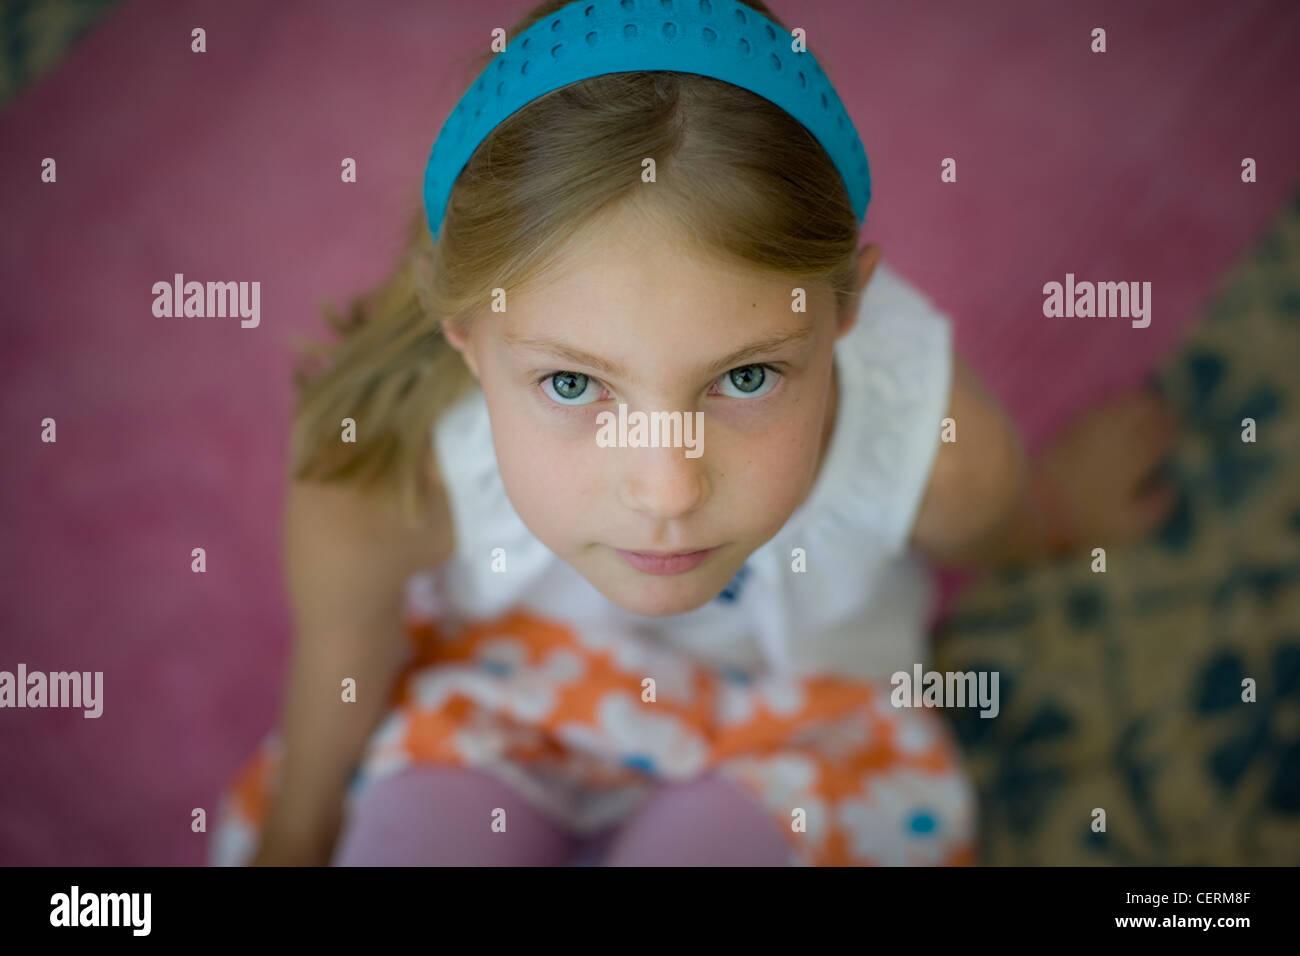 Closeup retrato de una chica que llevaba una diadema azul Imagen De Stock